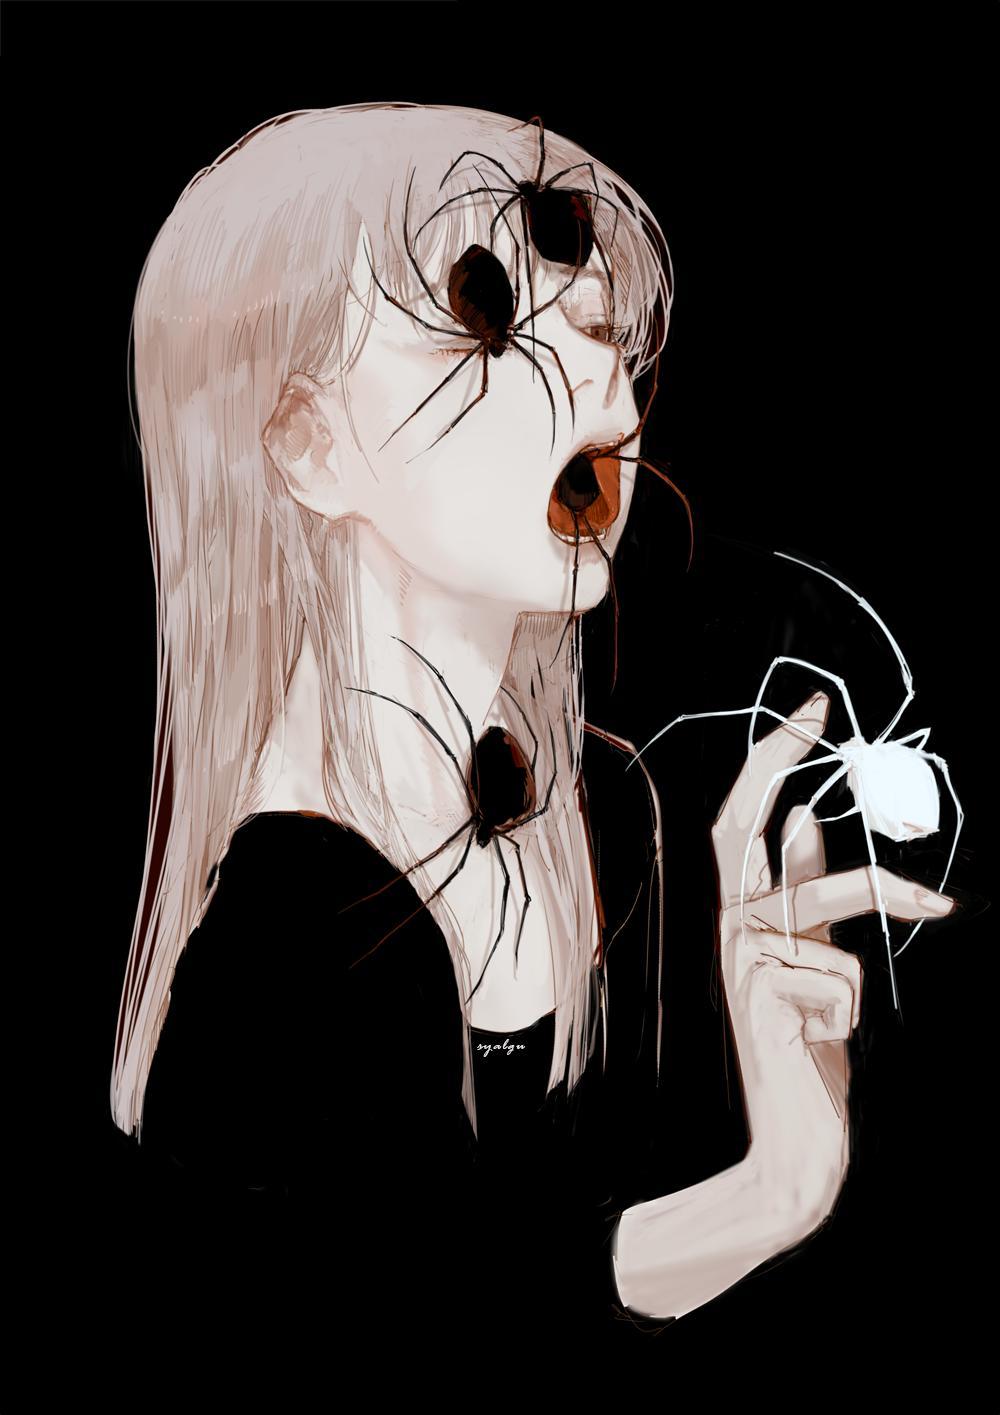 선주 on Anime Art in 2019 Horror art, Beautiful dark art